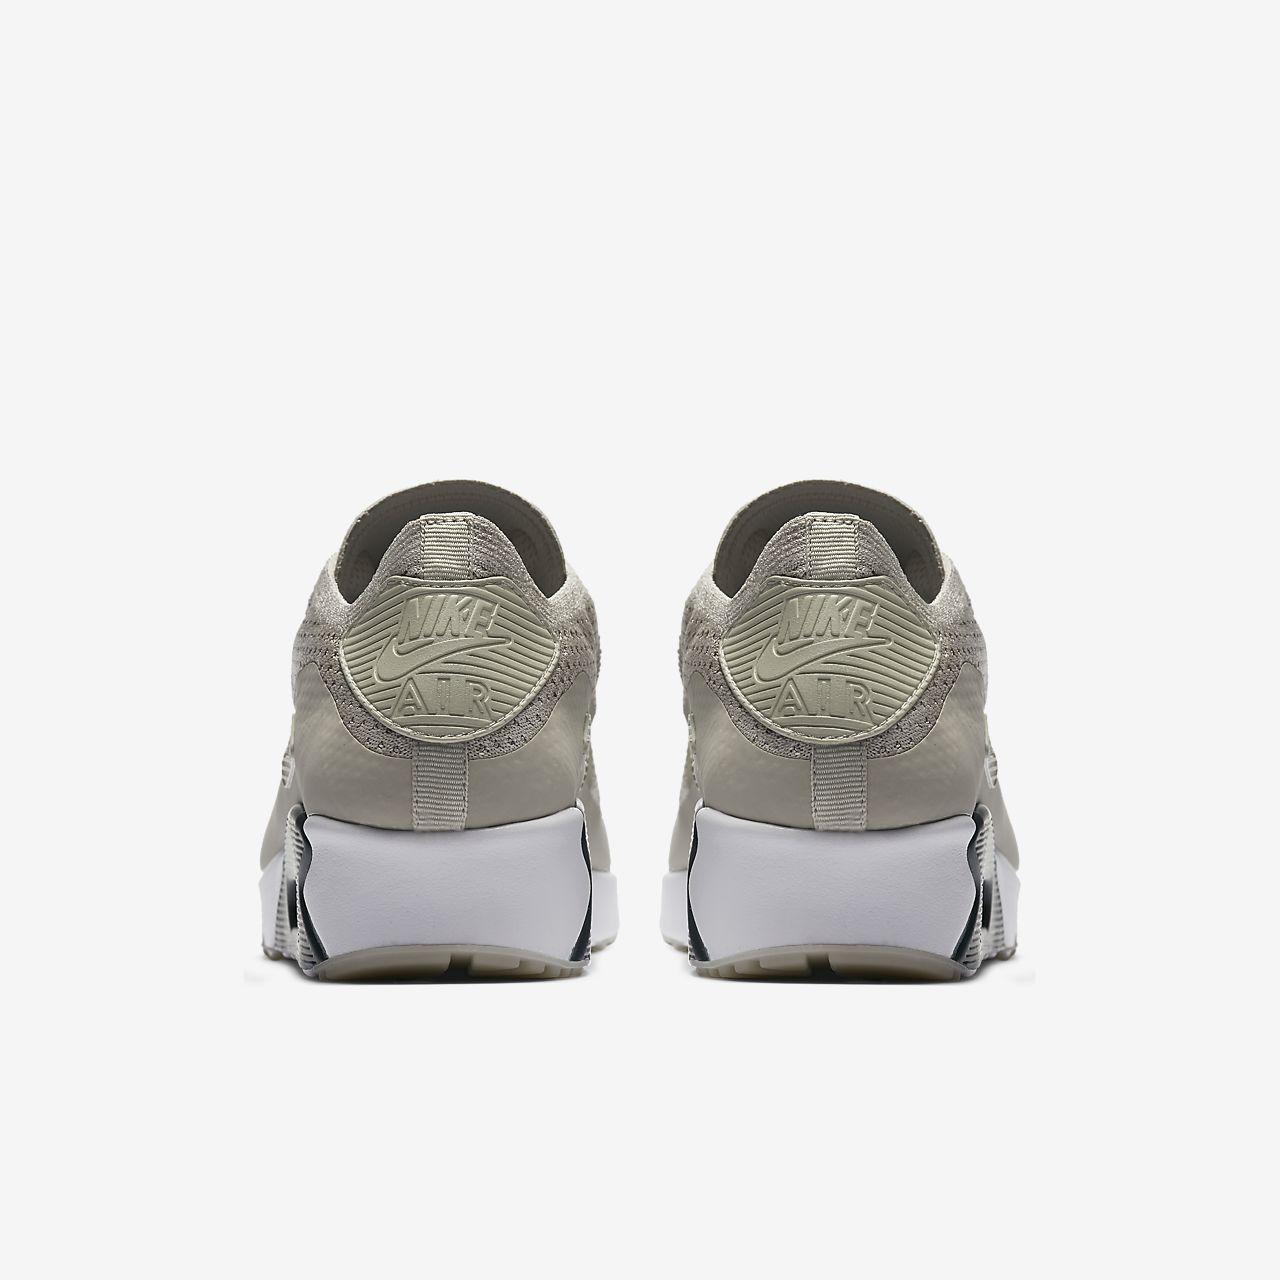 ... Chaussure Nike Air Max 90 Ultra 2.0 Flyknit pour Homme. Partagez votre  look. Utilisez le hashtag #Nike sur ...